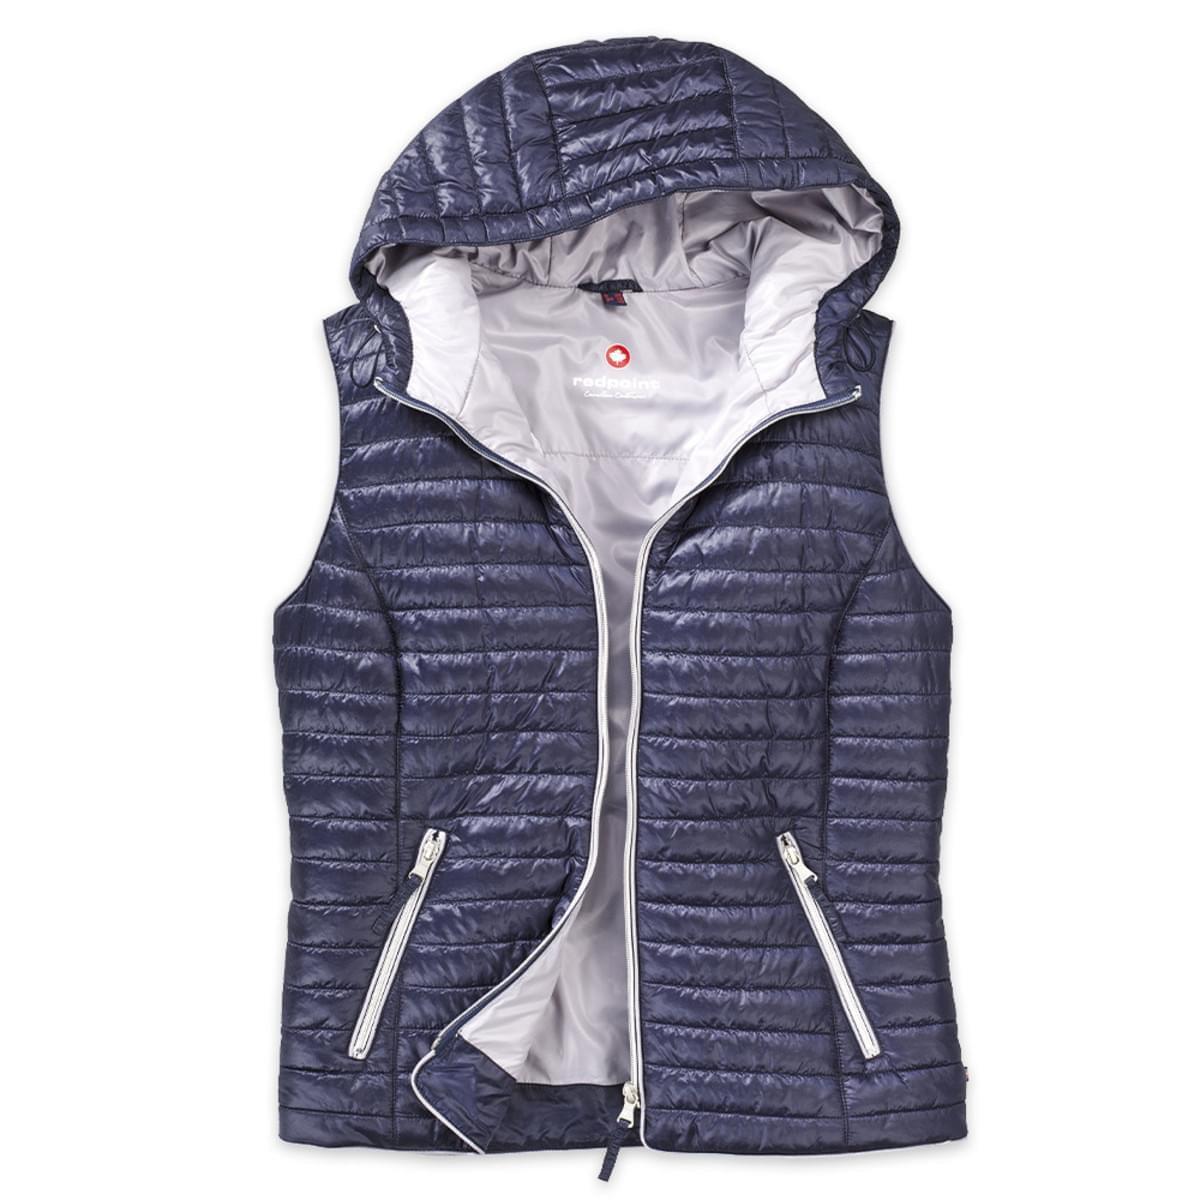 84ec77ed8 Dámska prešívaná vesta zn. Redpoint 8006 vo tmavo modré farbe